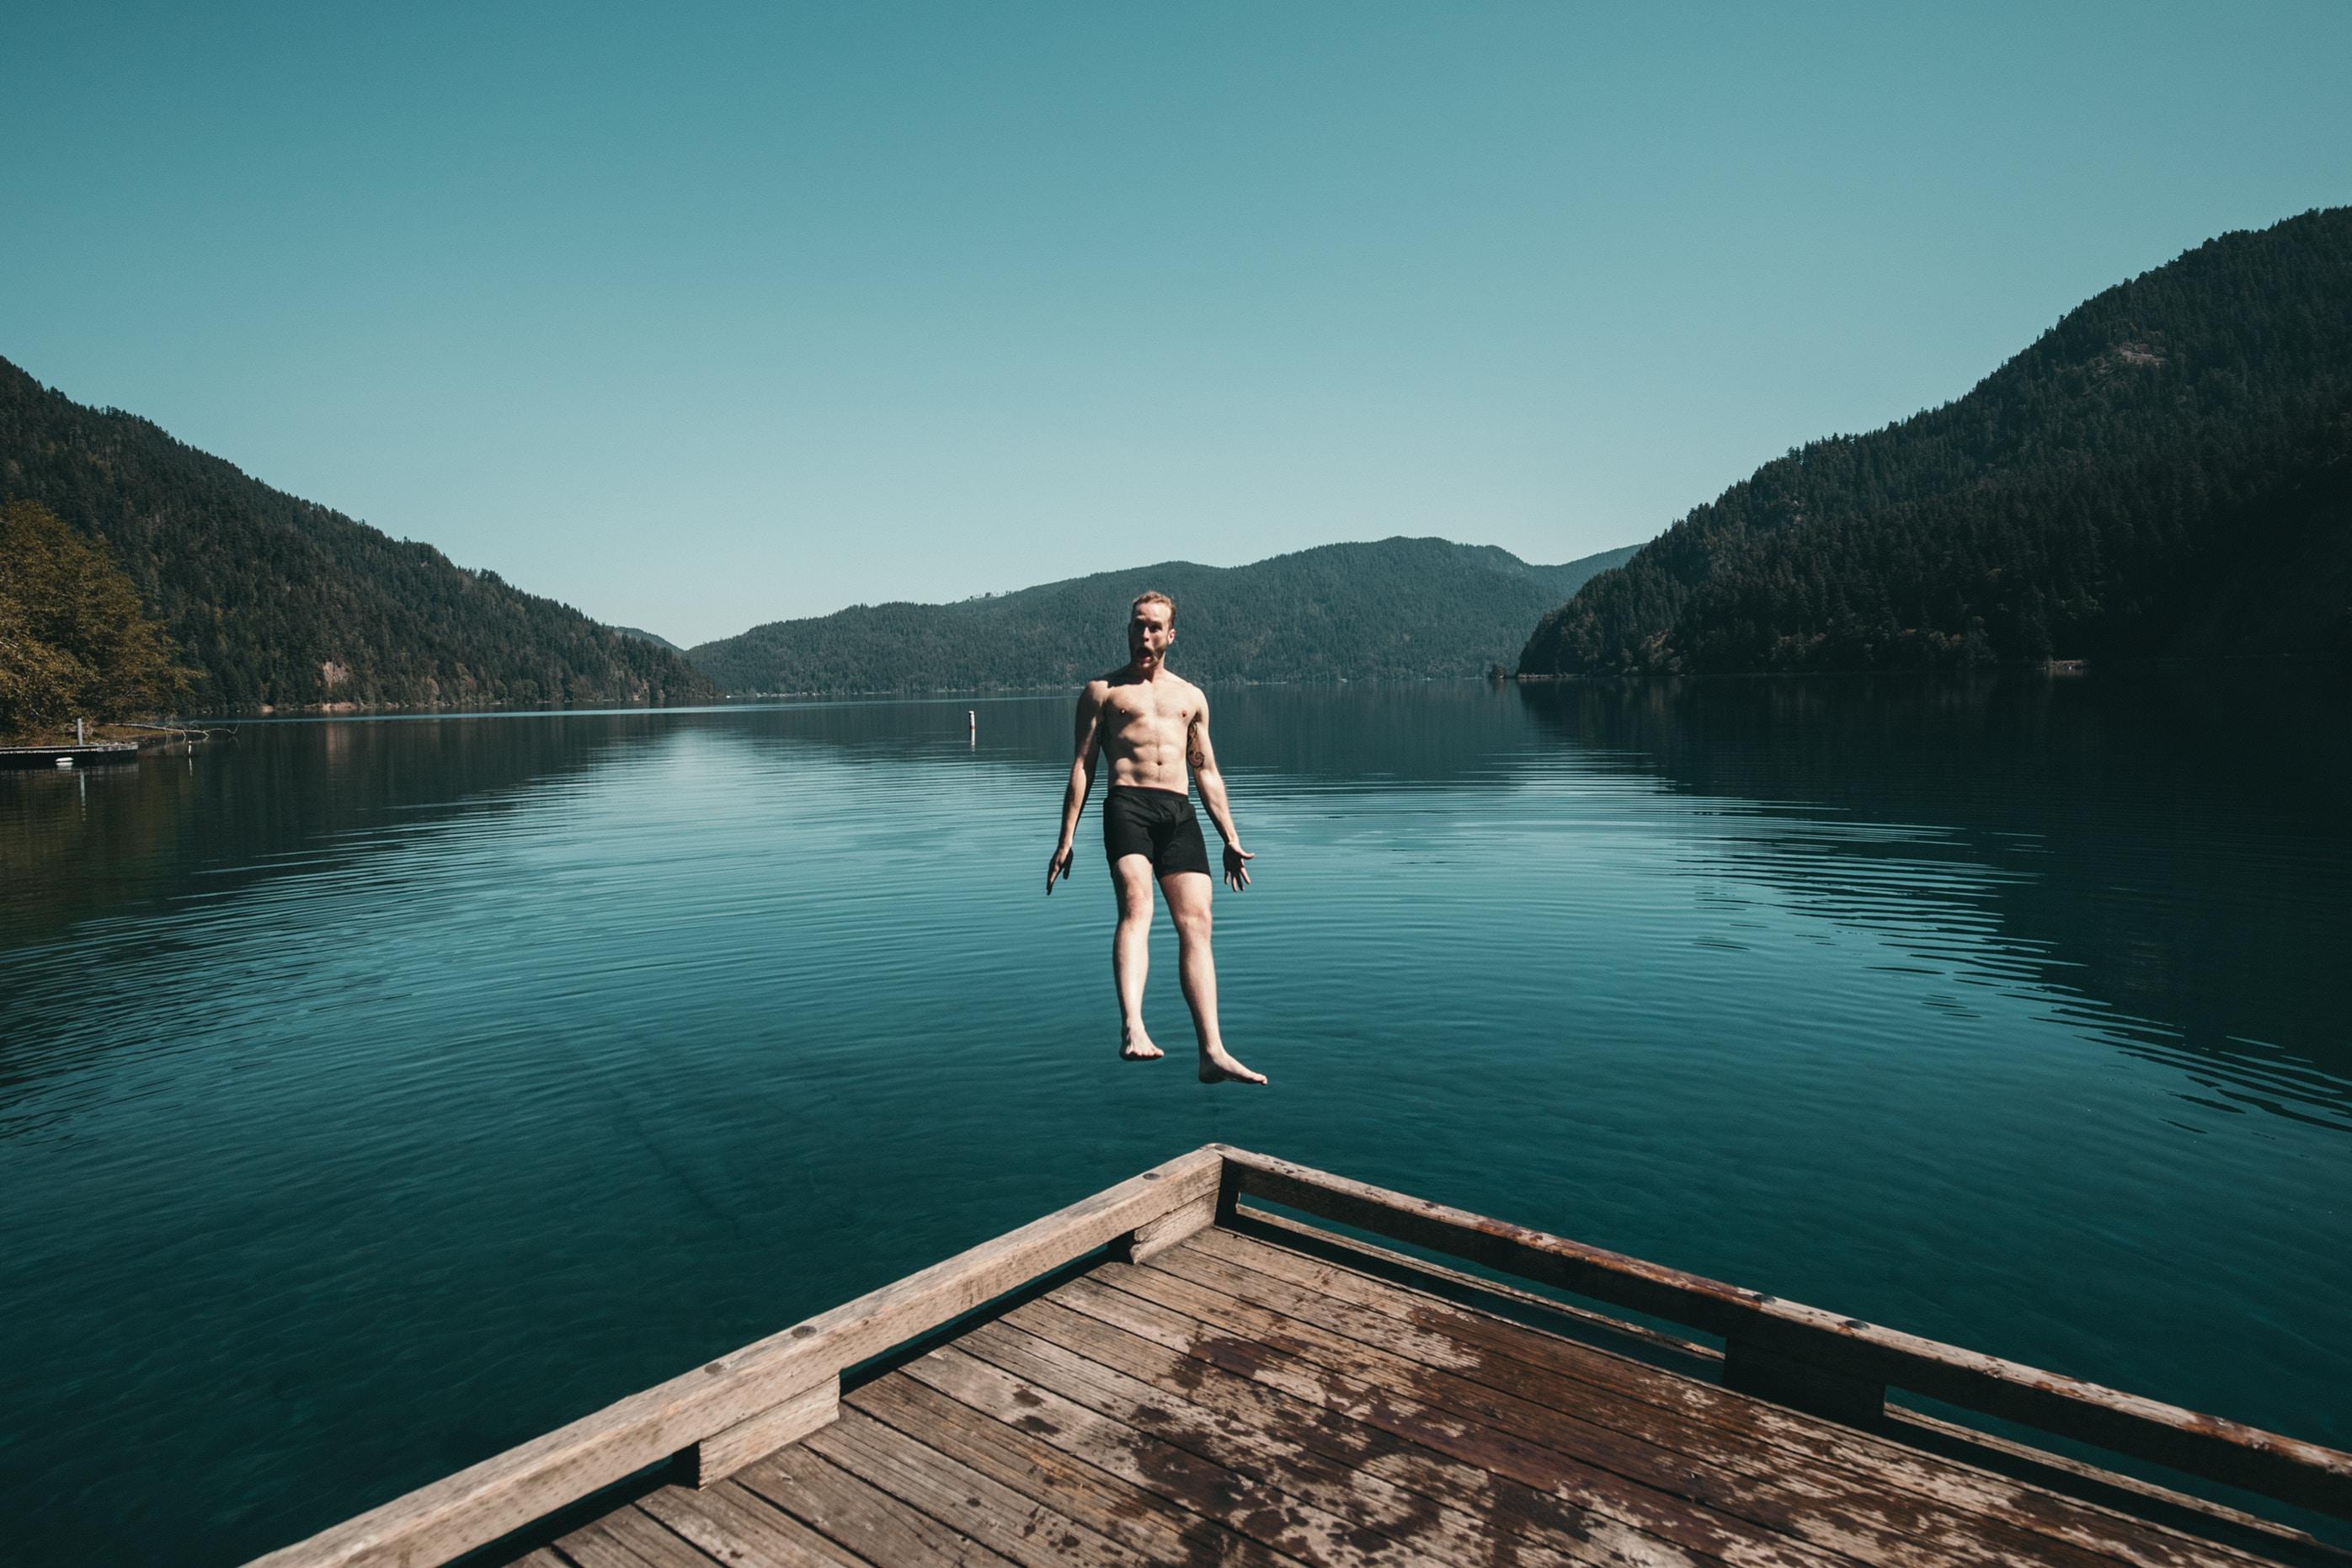 man jumping from brown wooden platform unto lake facing backwards